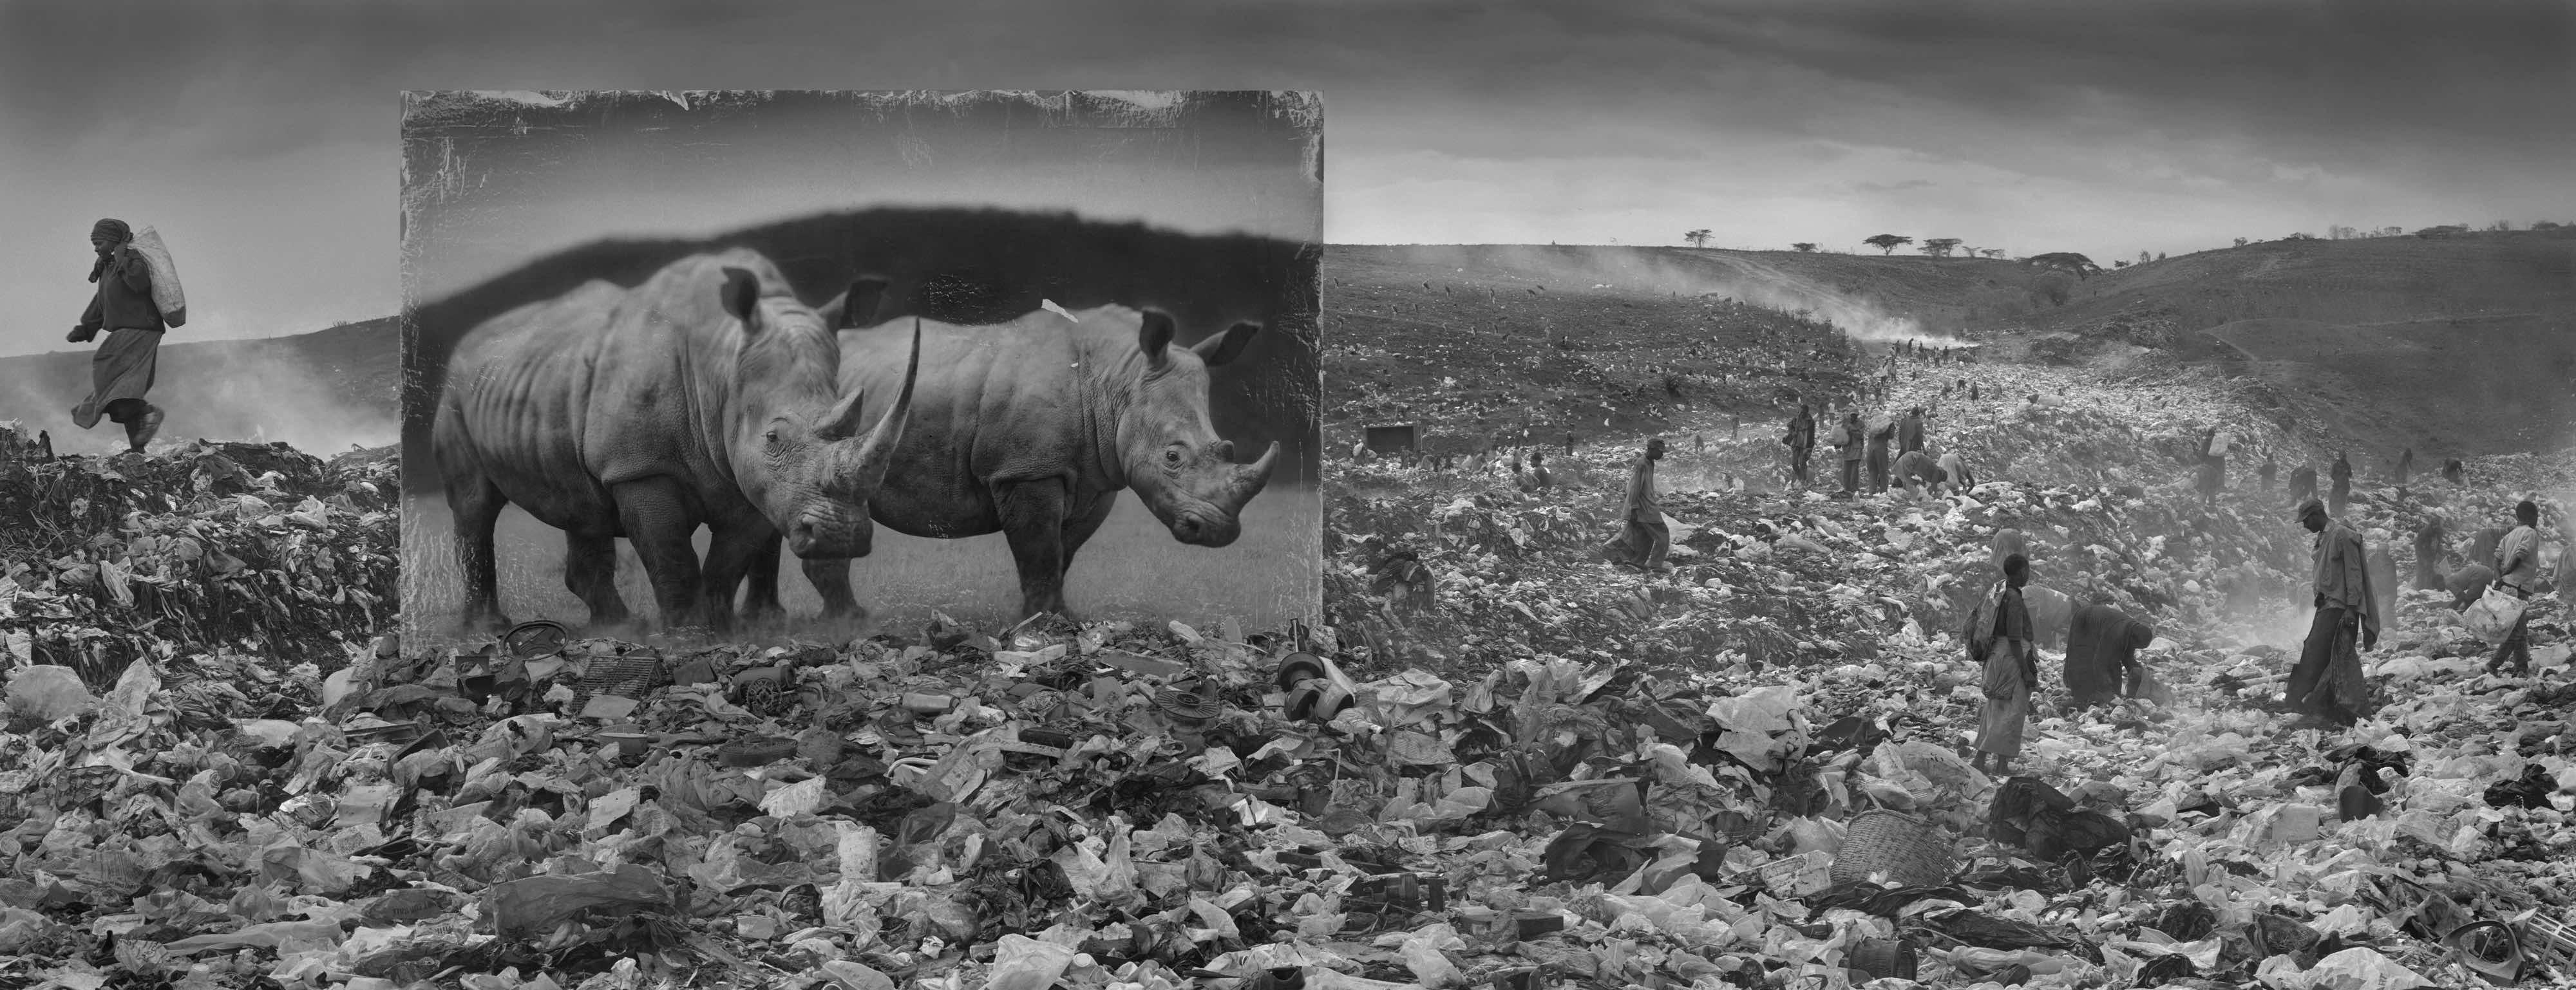 'Wasteland With Rhinos'